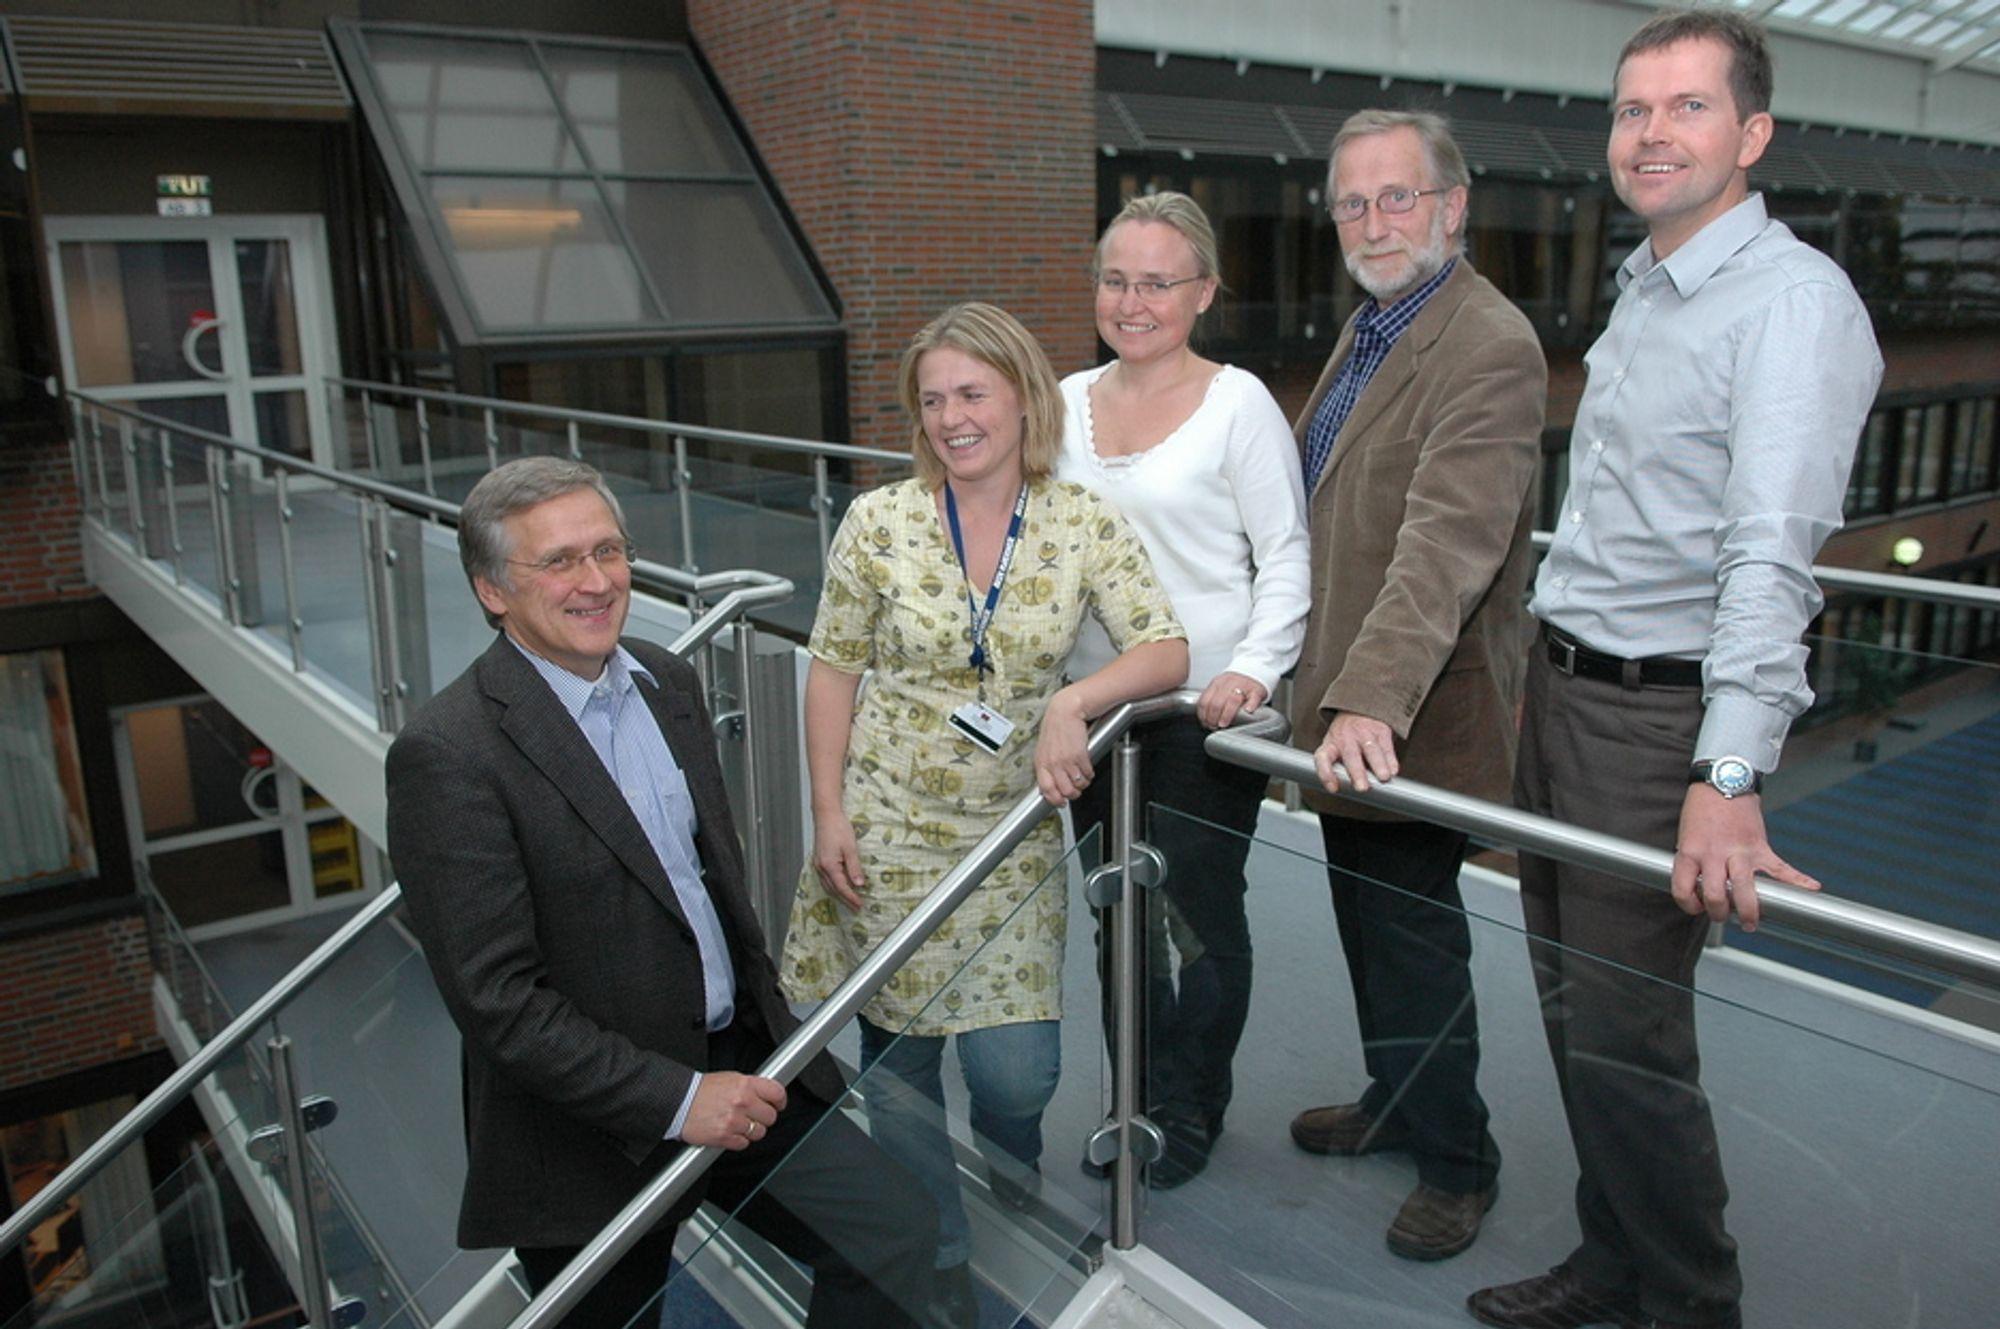 UTVIKLET TESTANLEGGET: Denne gjengen utviklet tesanlegget for Aker Clean Carbon. Fra venstre Oscar Graff, Vibeke Andersson, Ann-Helen Haaland, Svein Klemetsen og Knut Sanden.